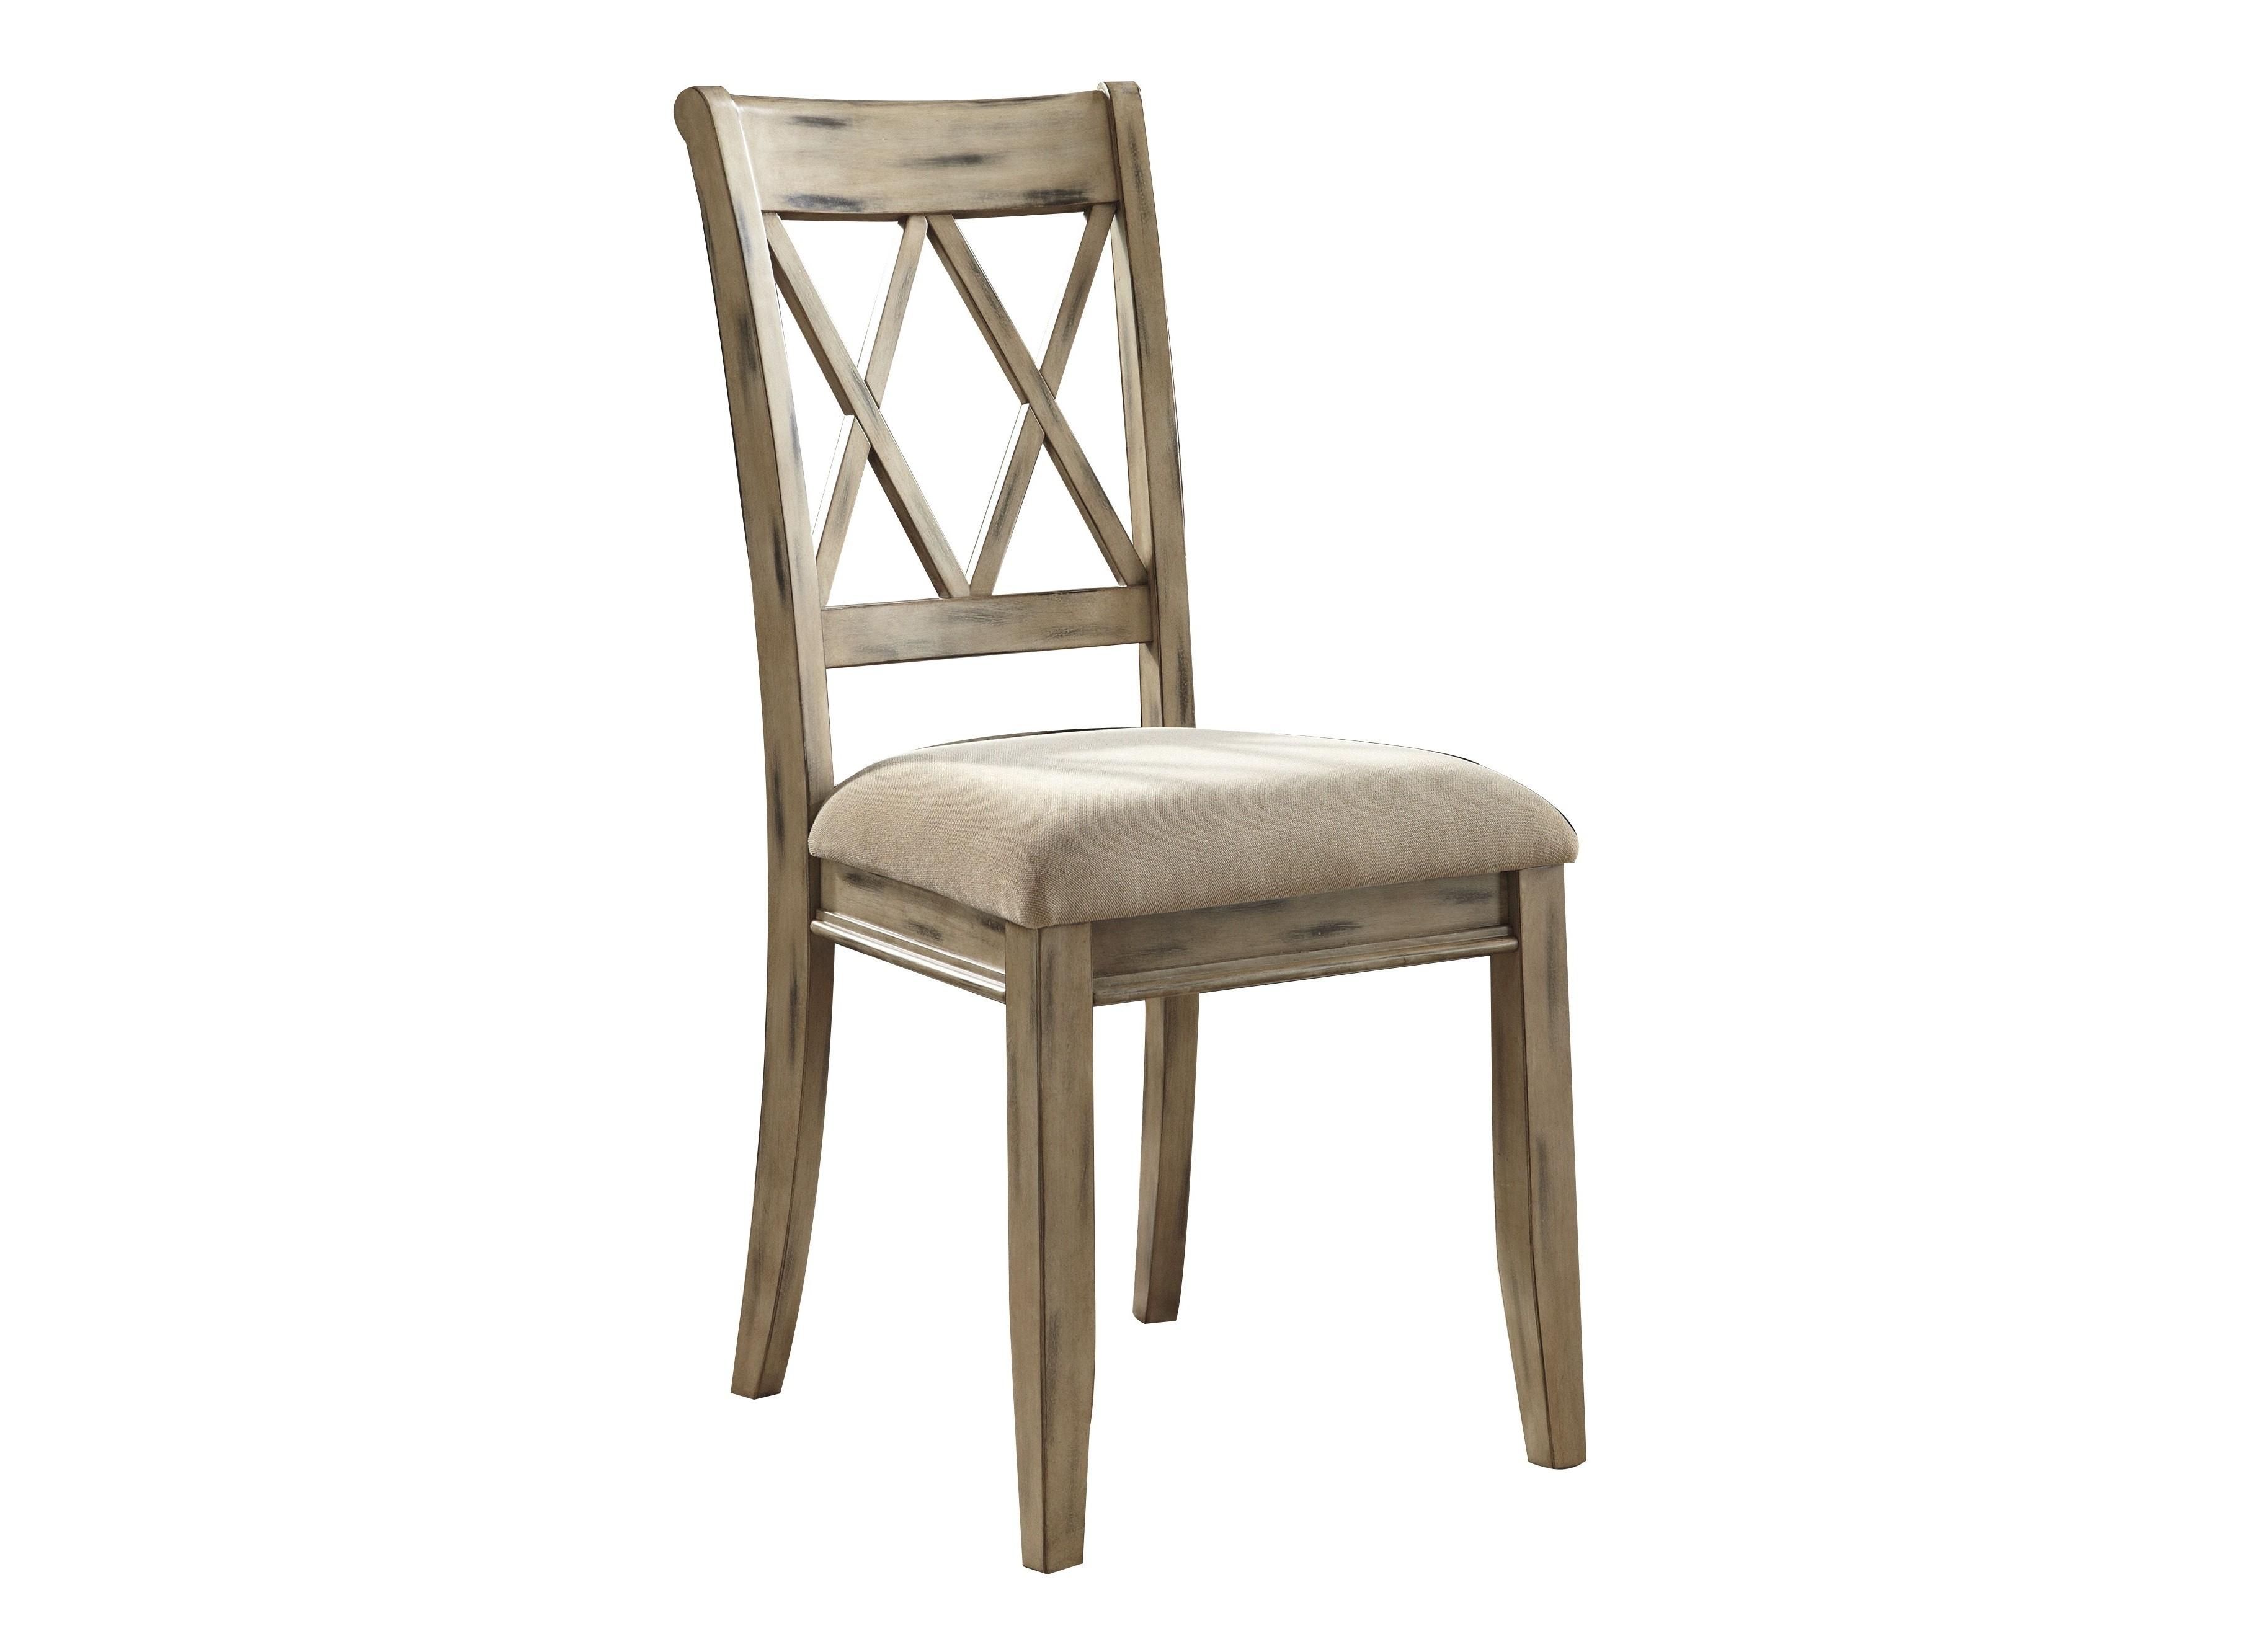 Стул  (2шт)Обеденные стулья<br><br><br>Material: Дерево<br>Width см: 61<br>Depth см: 49<br>Height см: 99